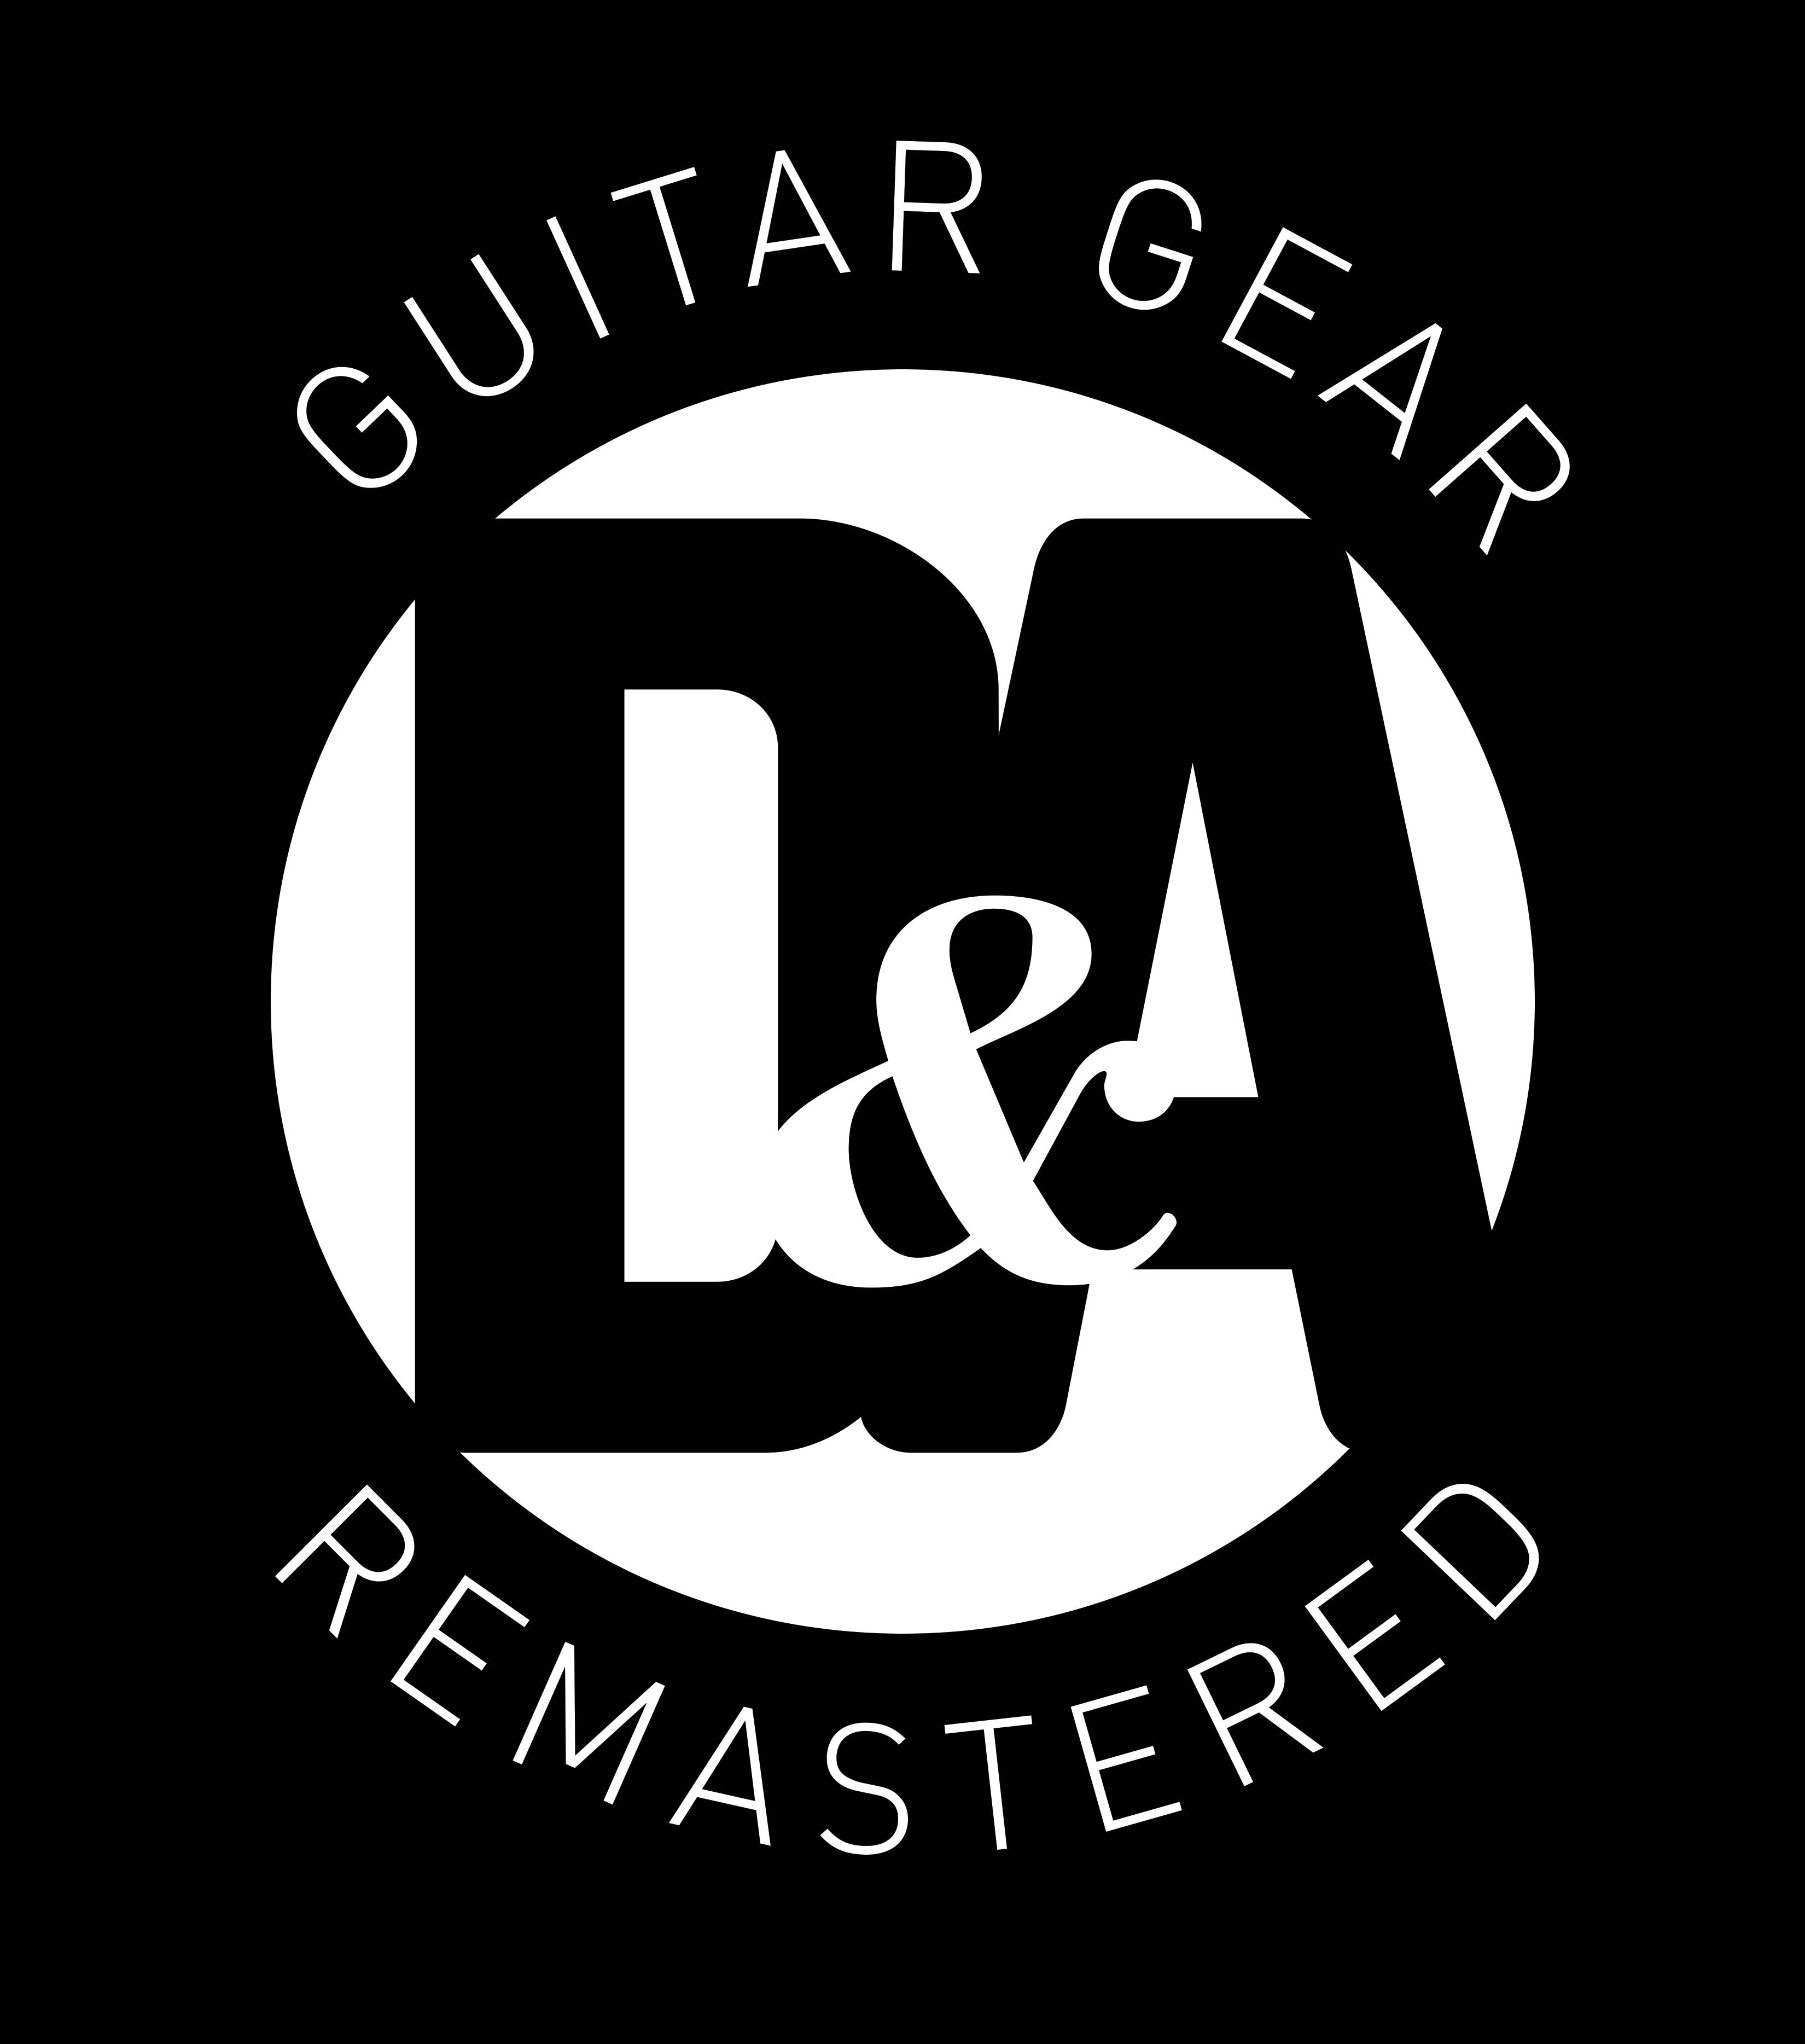 D&A-remastered-logo jpg (1)